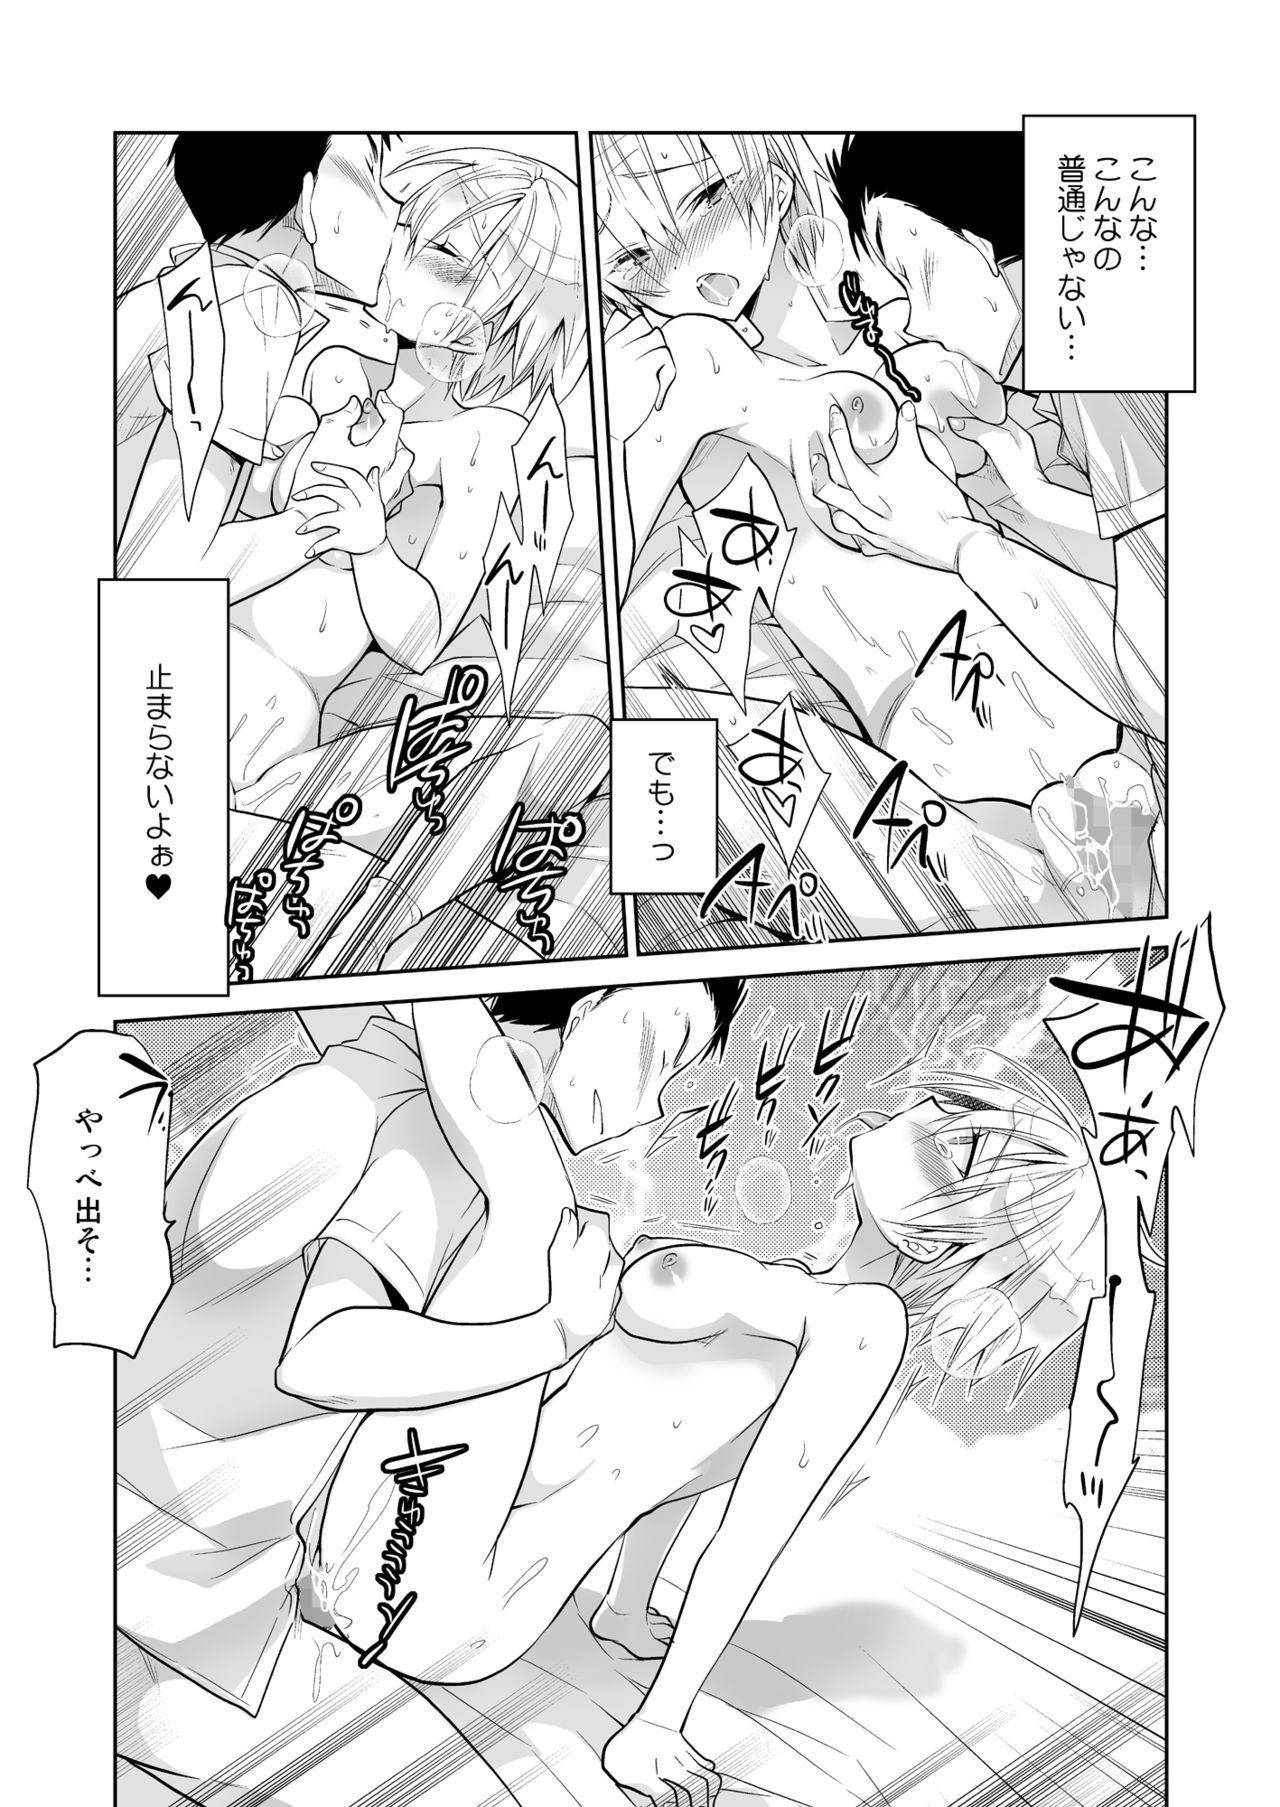 Boku no Hajimete no Tomodachi 20